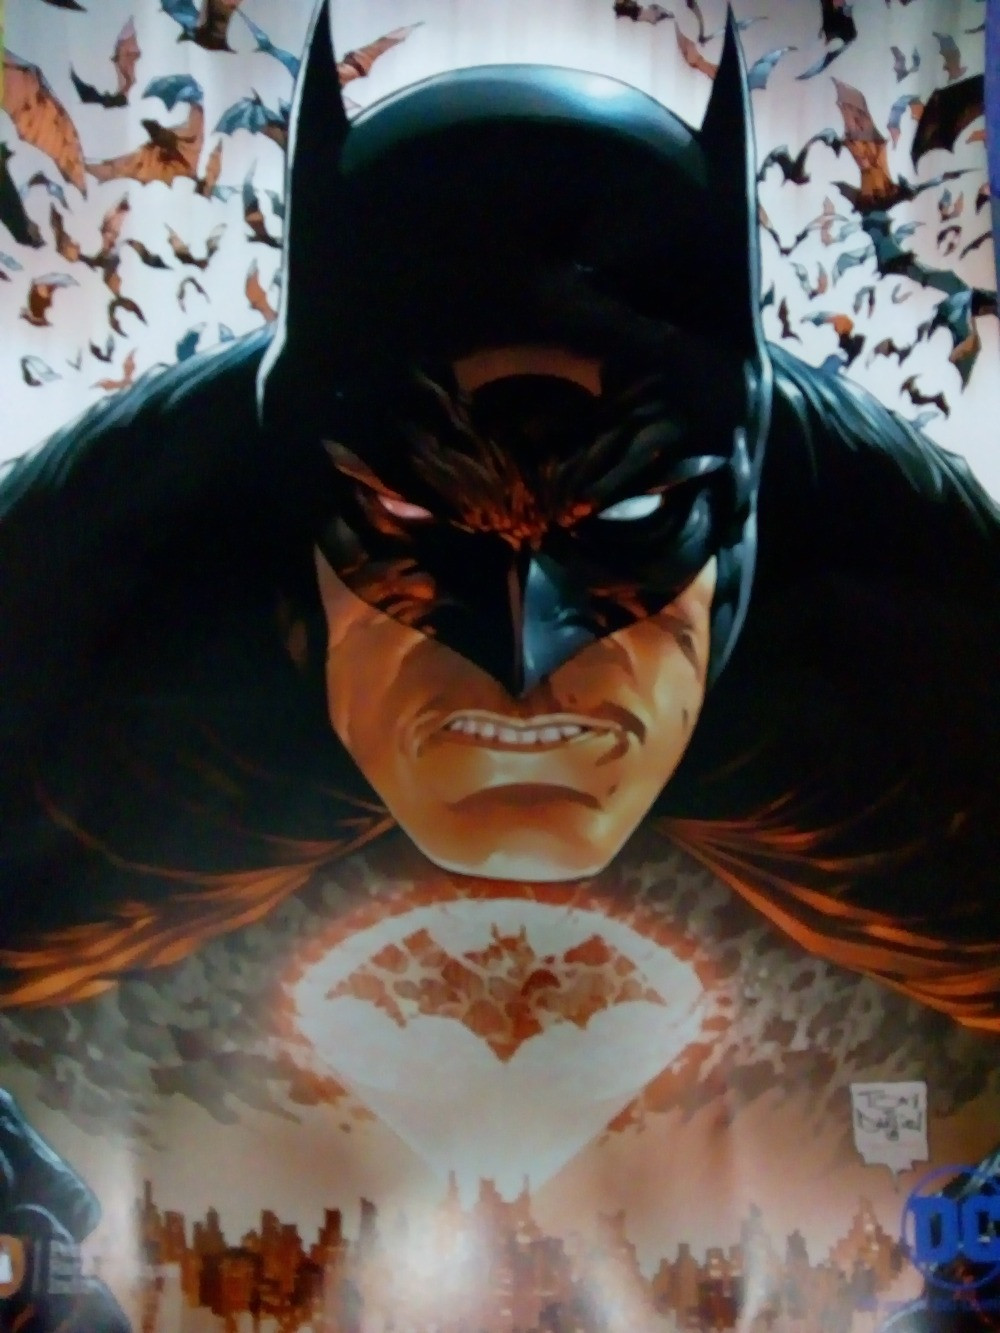 Batman Poster, Comic Con 2018